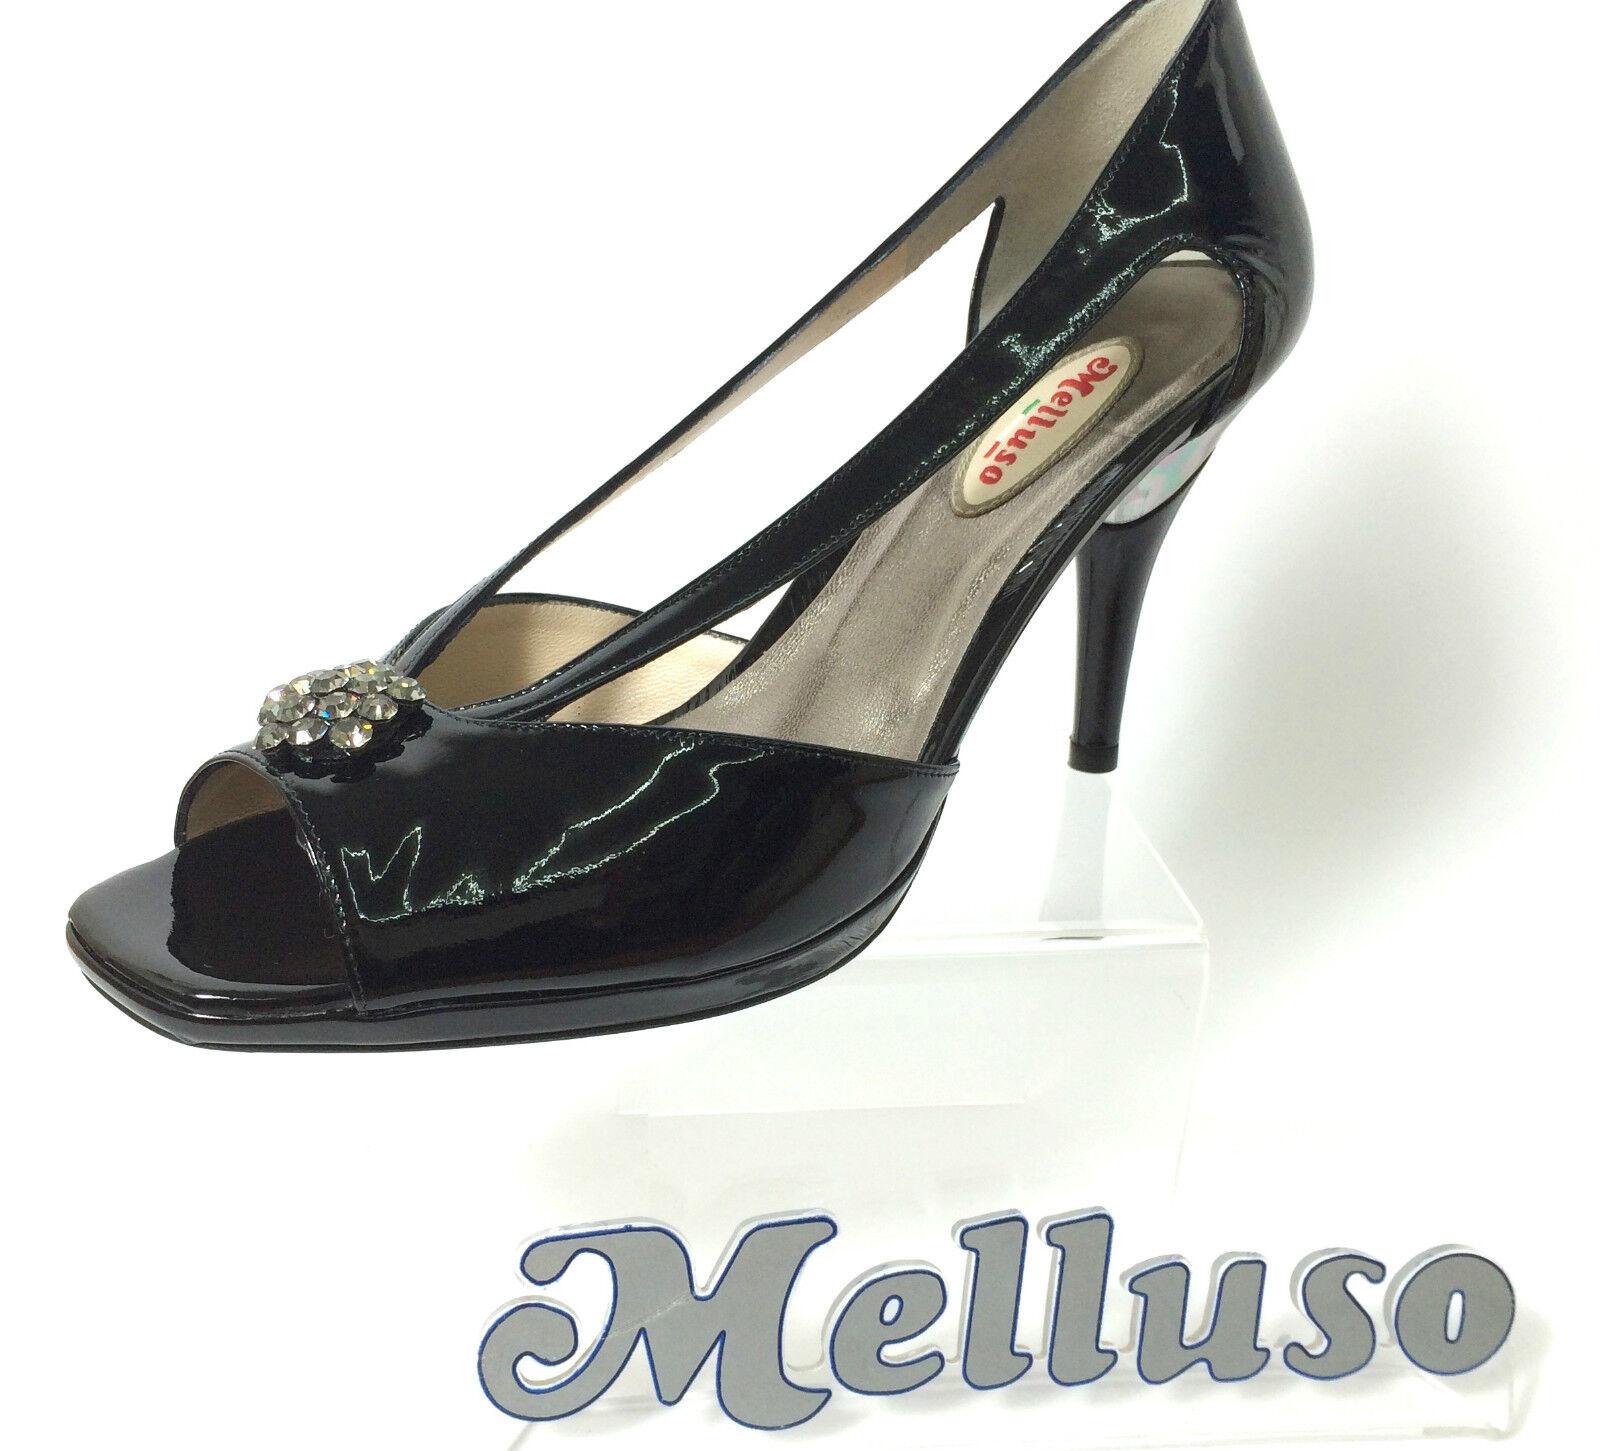 MELLUSO schuhe Damens SPUNTATA PELLE VERNICE NERO STRASS TACCO 9 CM ITALIAN Schuhe